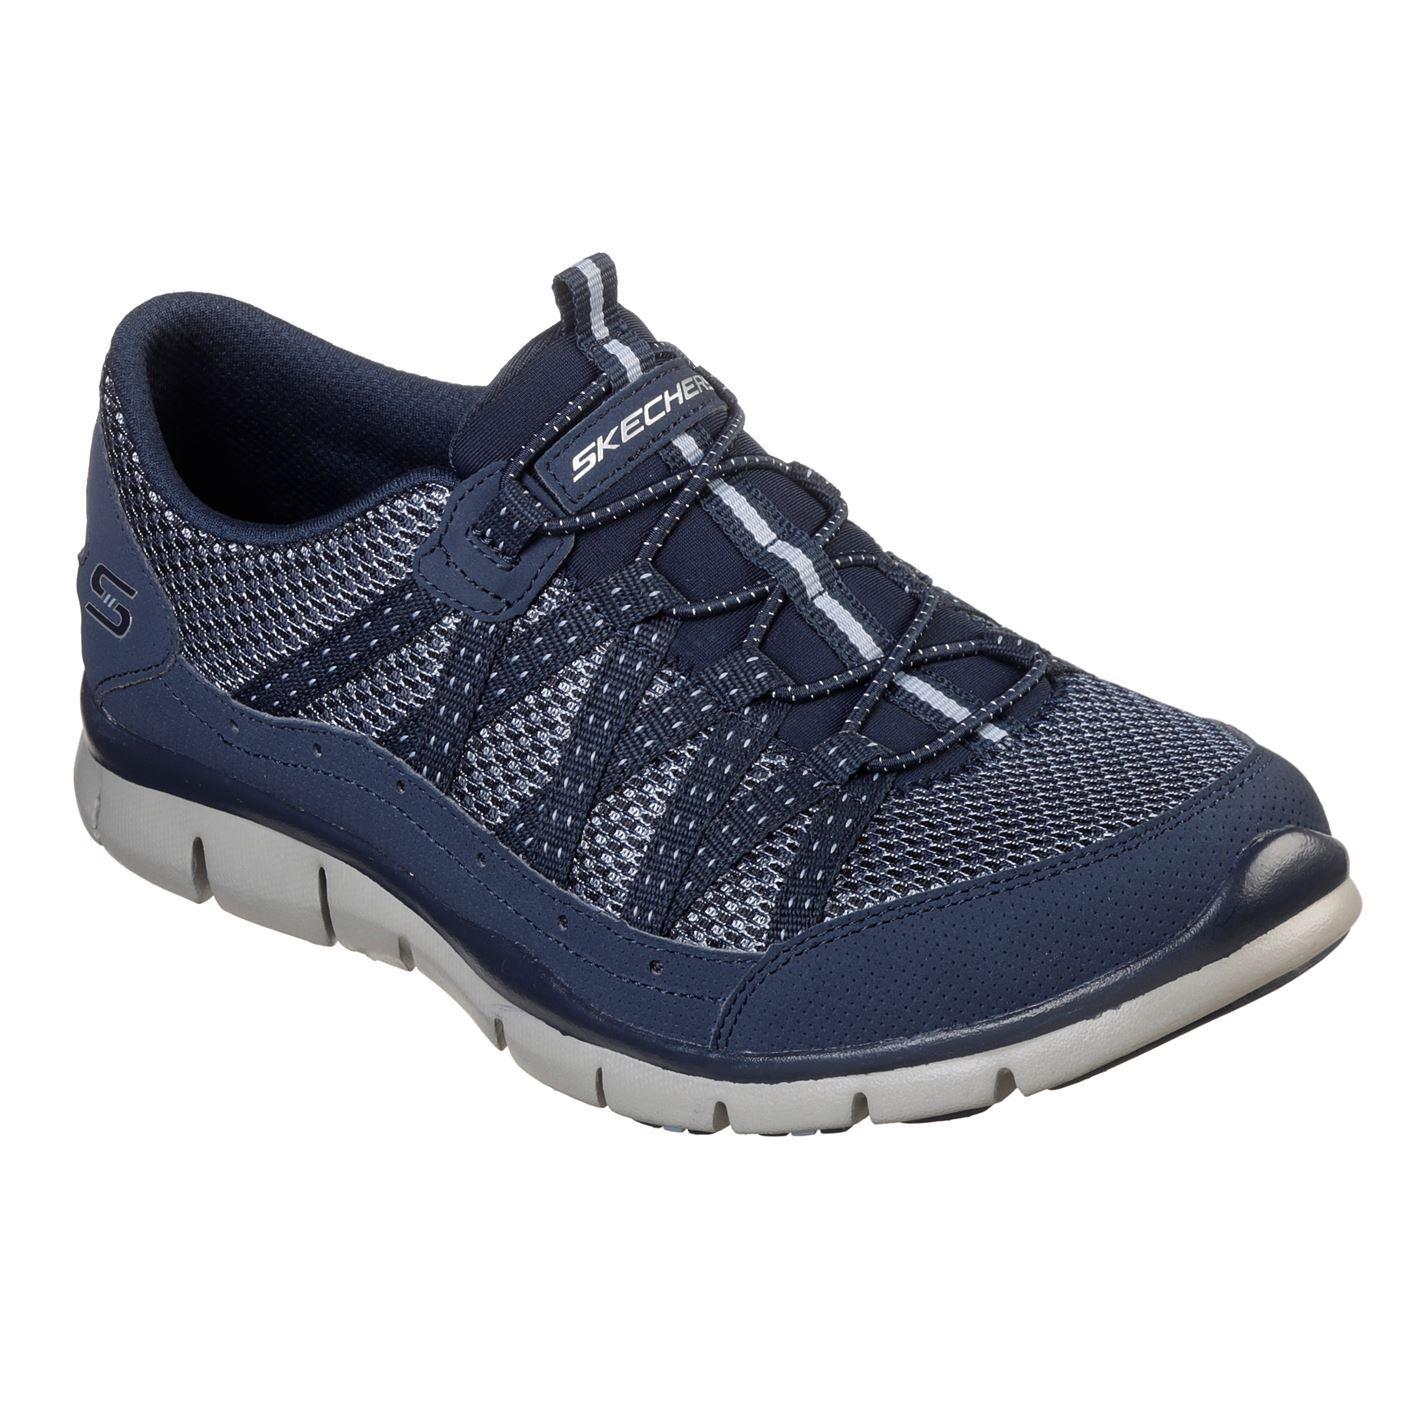 Gratis dames Strolling Skechers voor Shoes Damesschoenen Hwxgwq7U